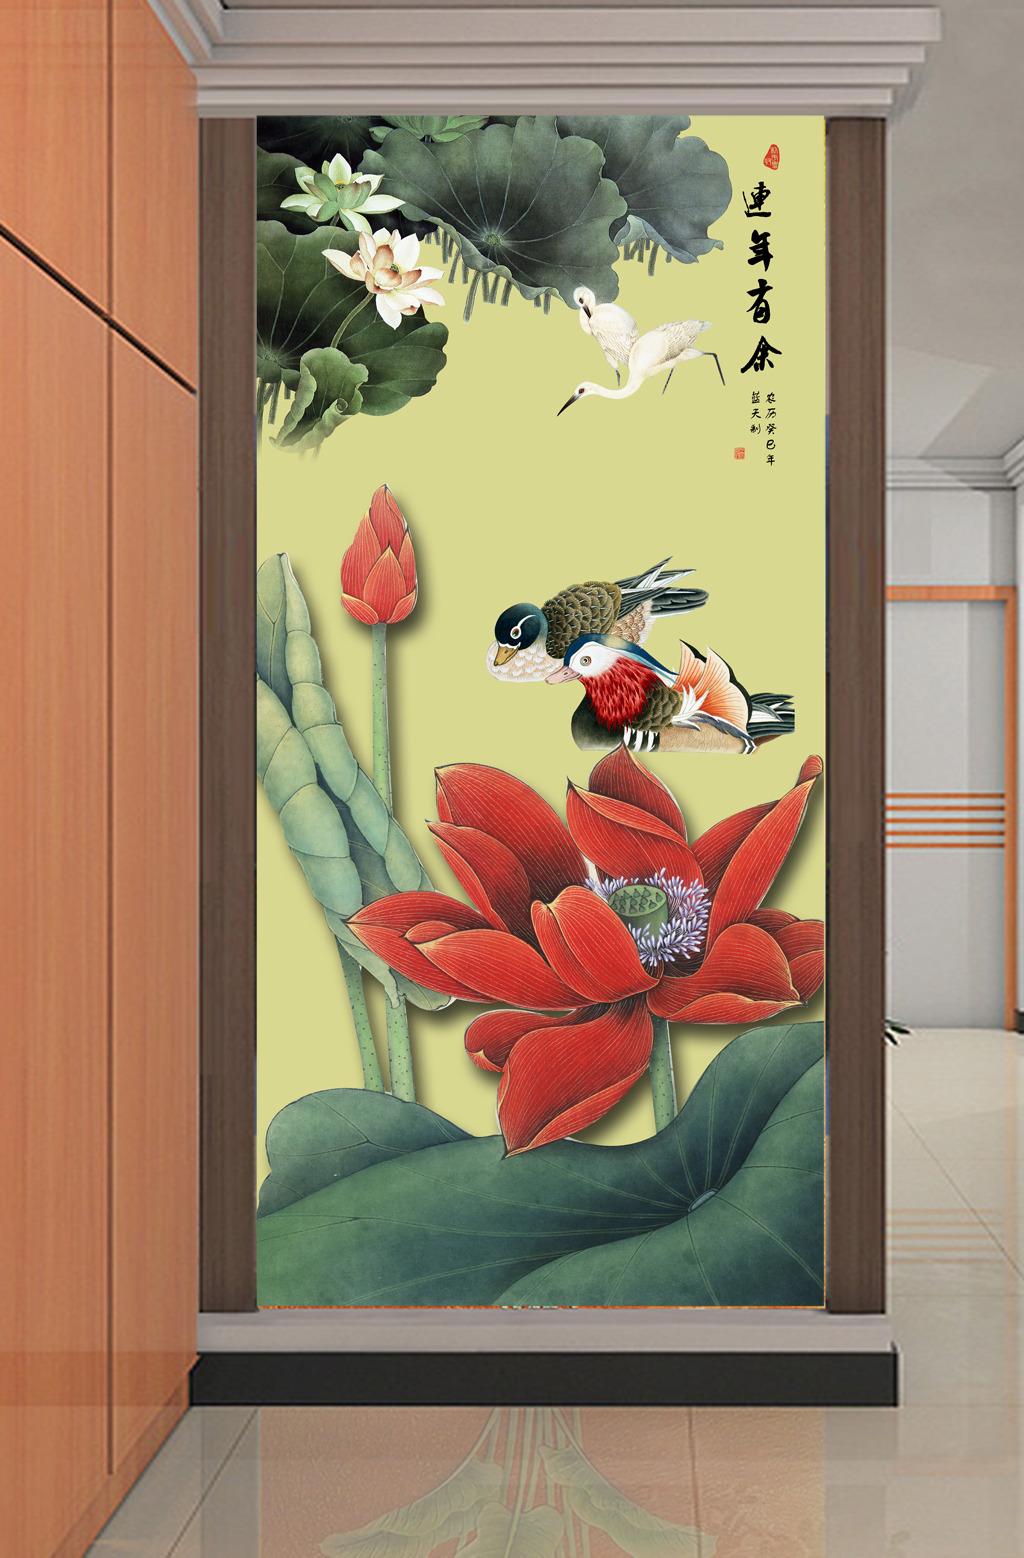 国画荷花鸳鸯戏水工笔画过道玄关背景墙